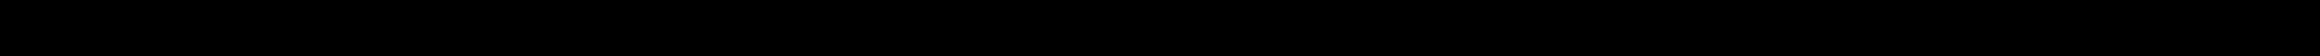 OSRAM D1S Zarnica, zaromet z dolgo lucjo